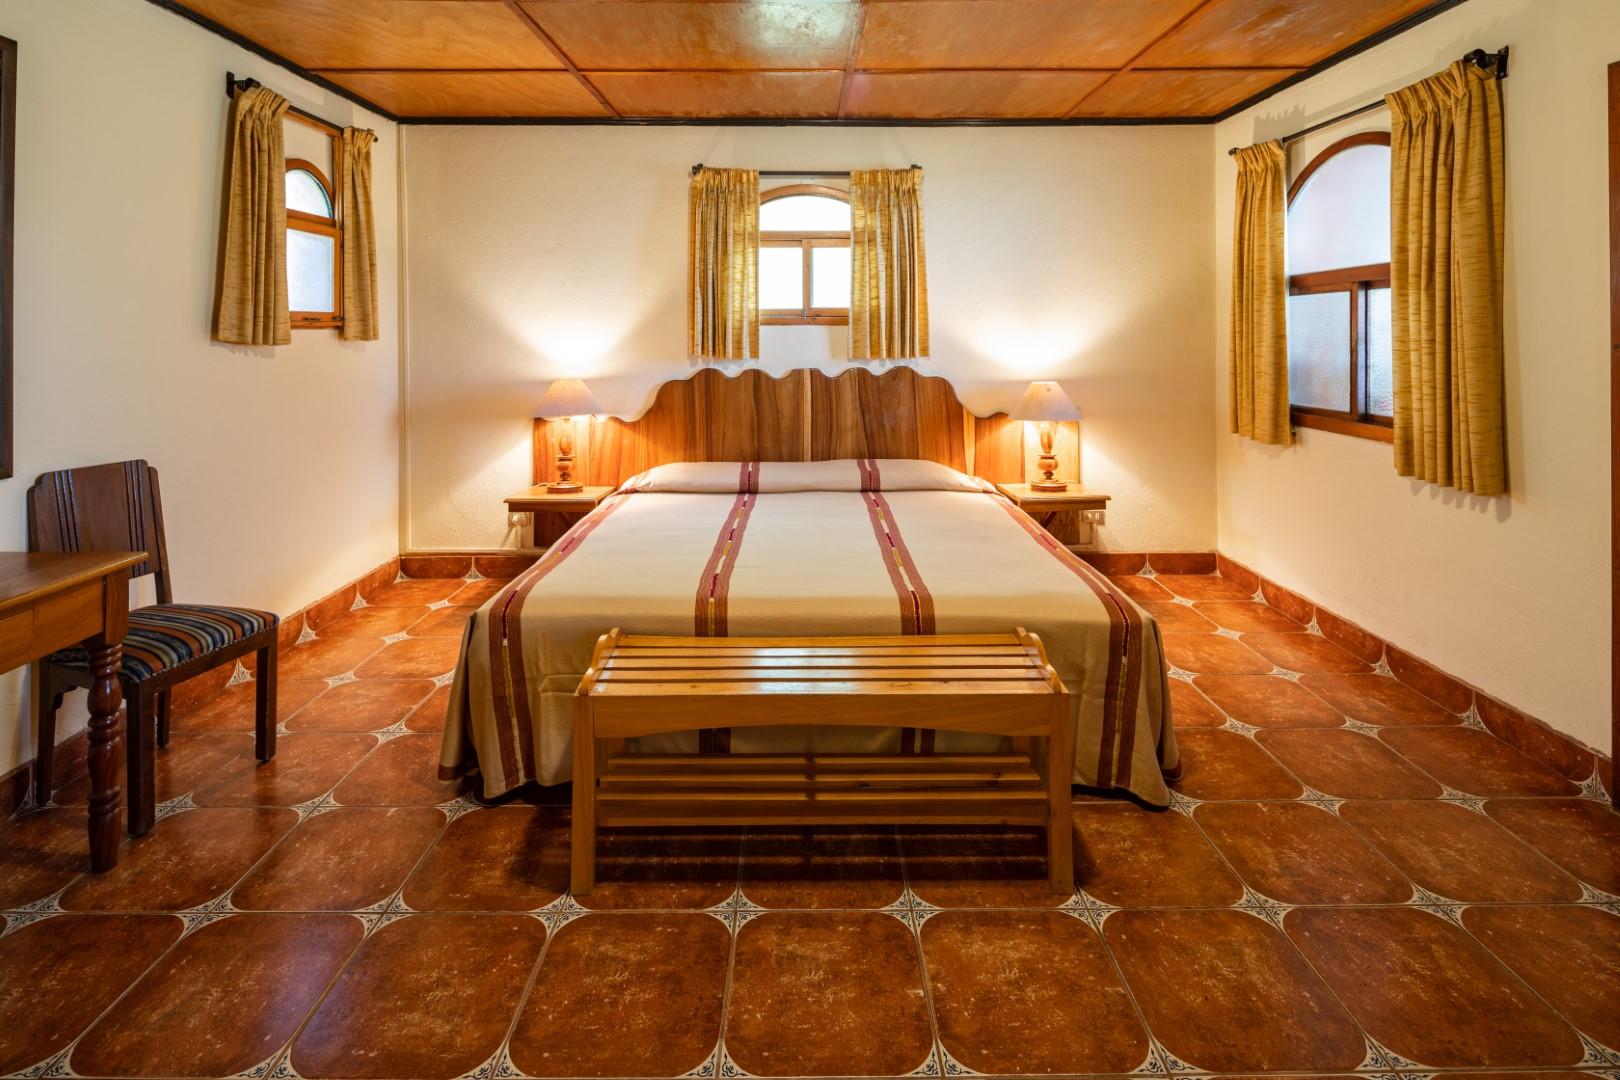 Regis_Hotel__Spa_Hi-Res-06.jpg